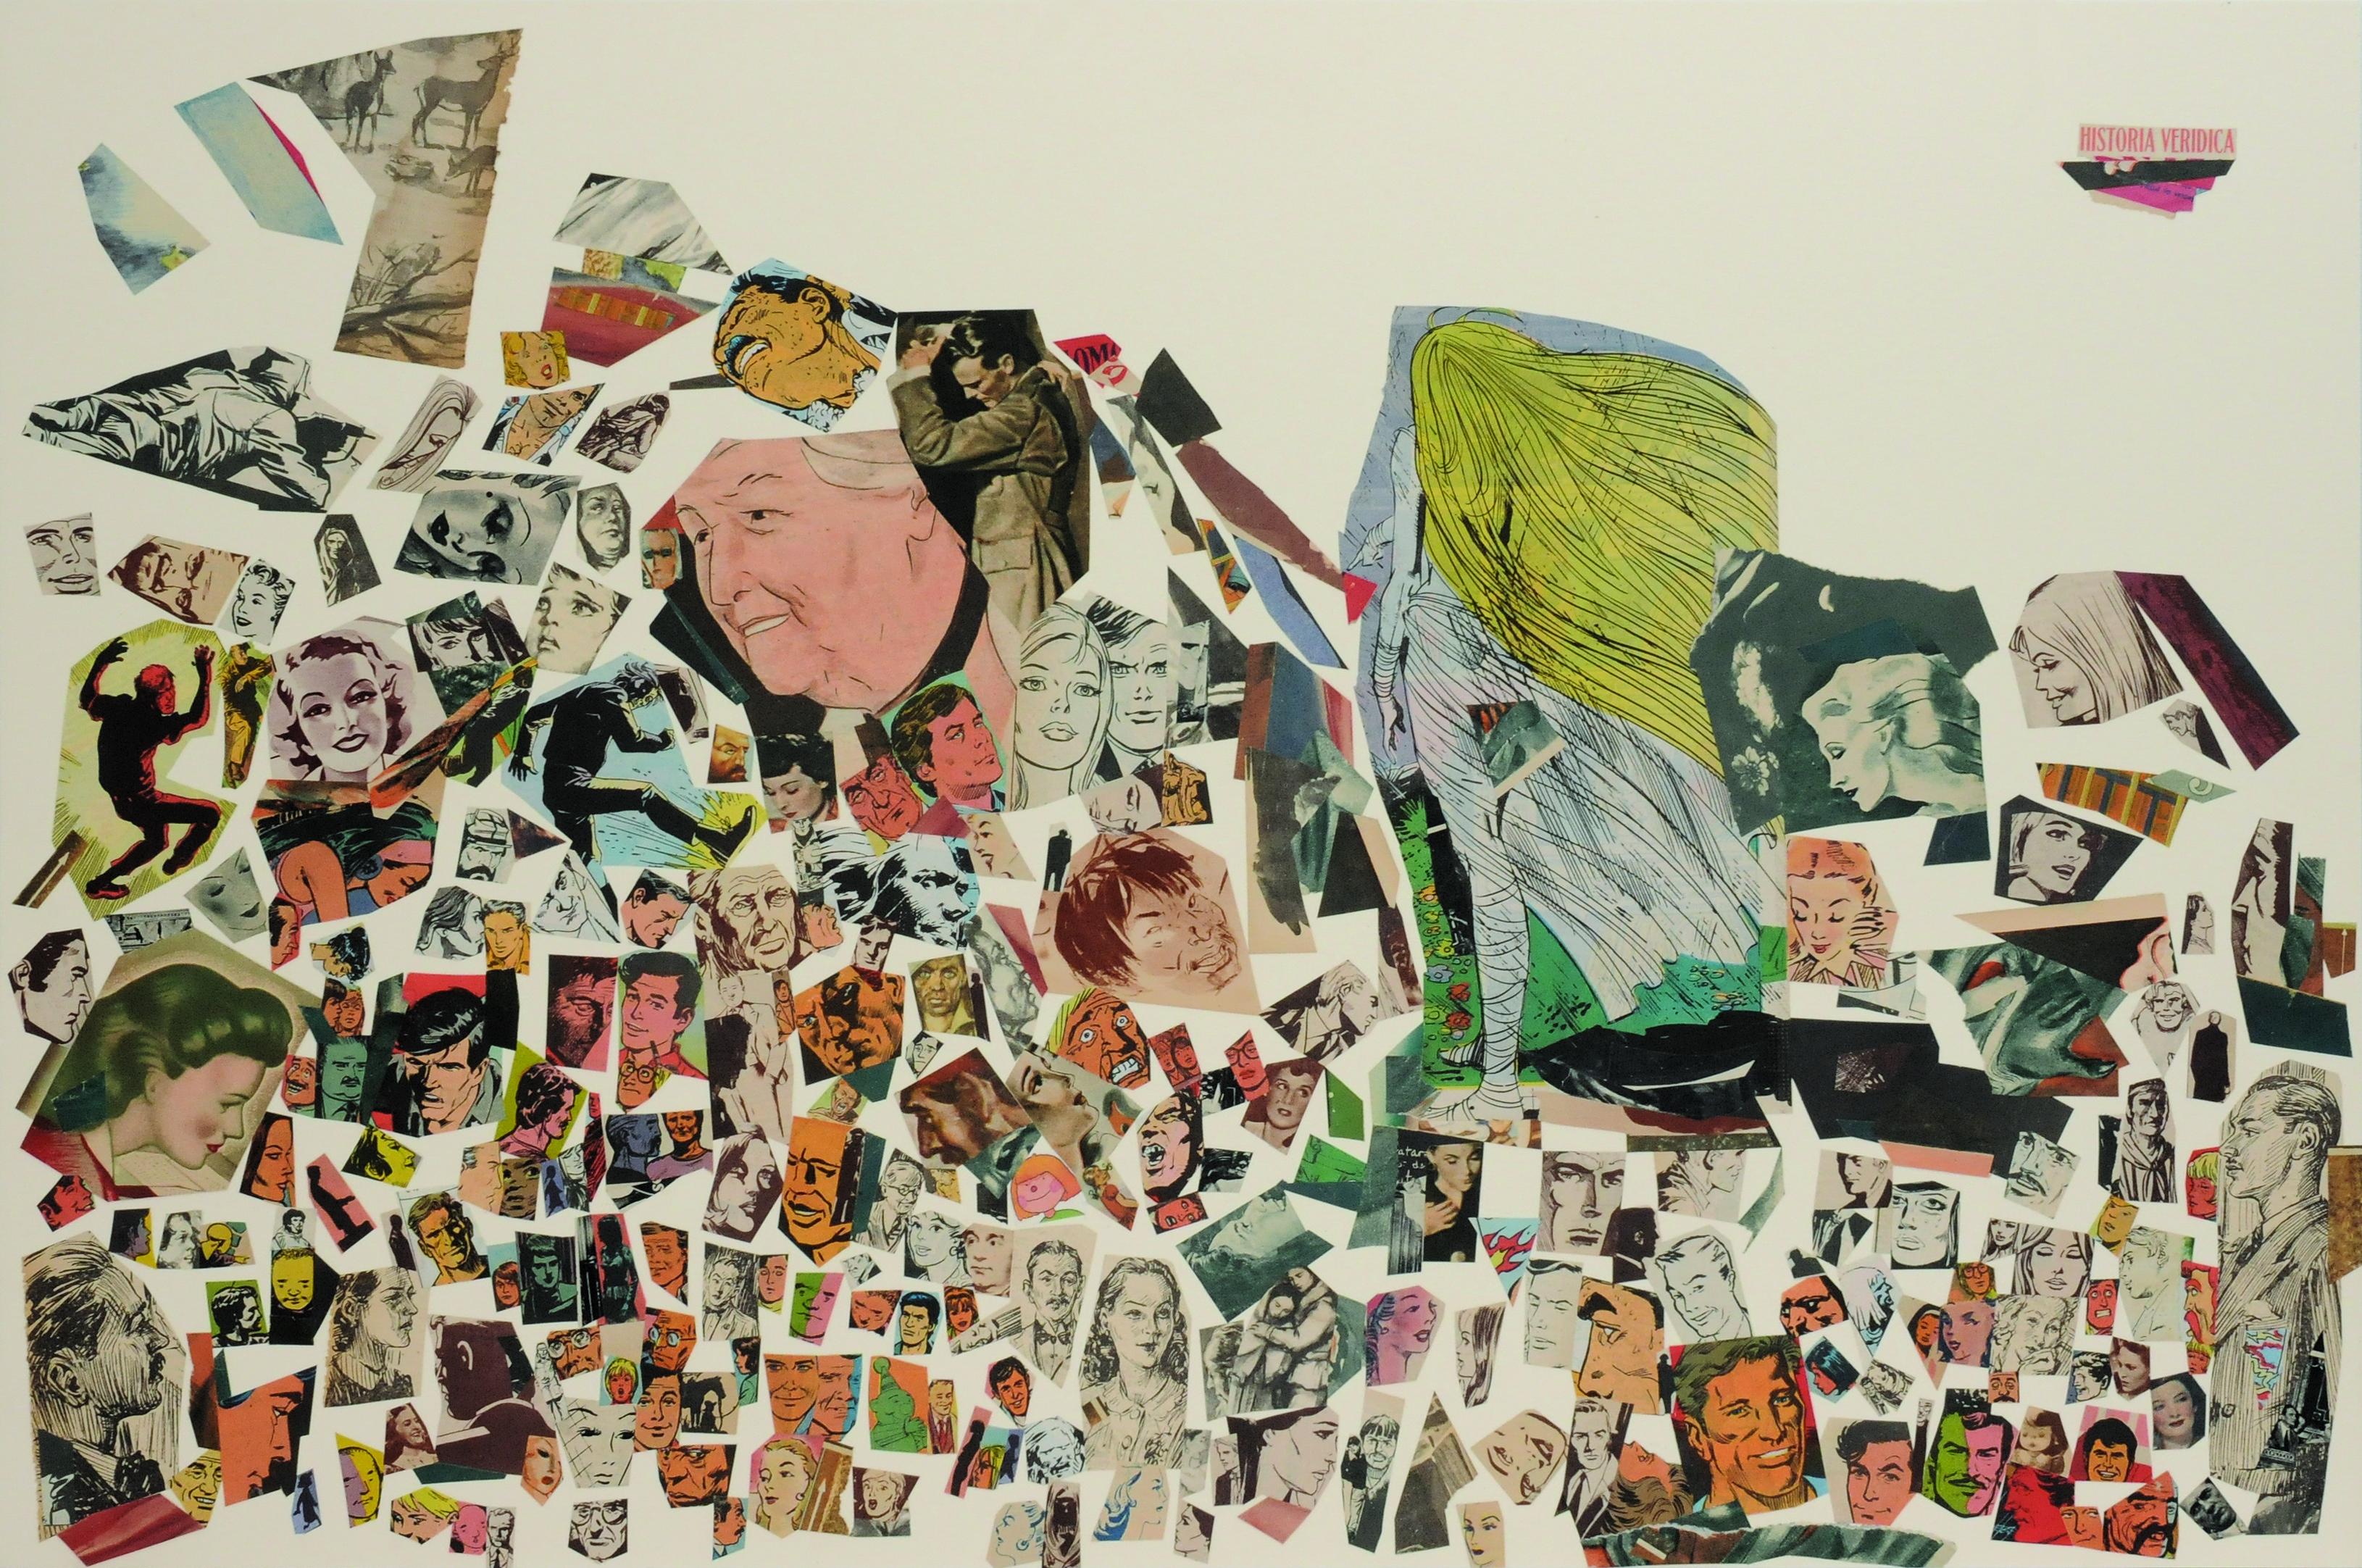 Historia verídica, papel collage, 51 cm x 76 cm. 2008